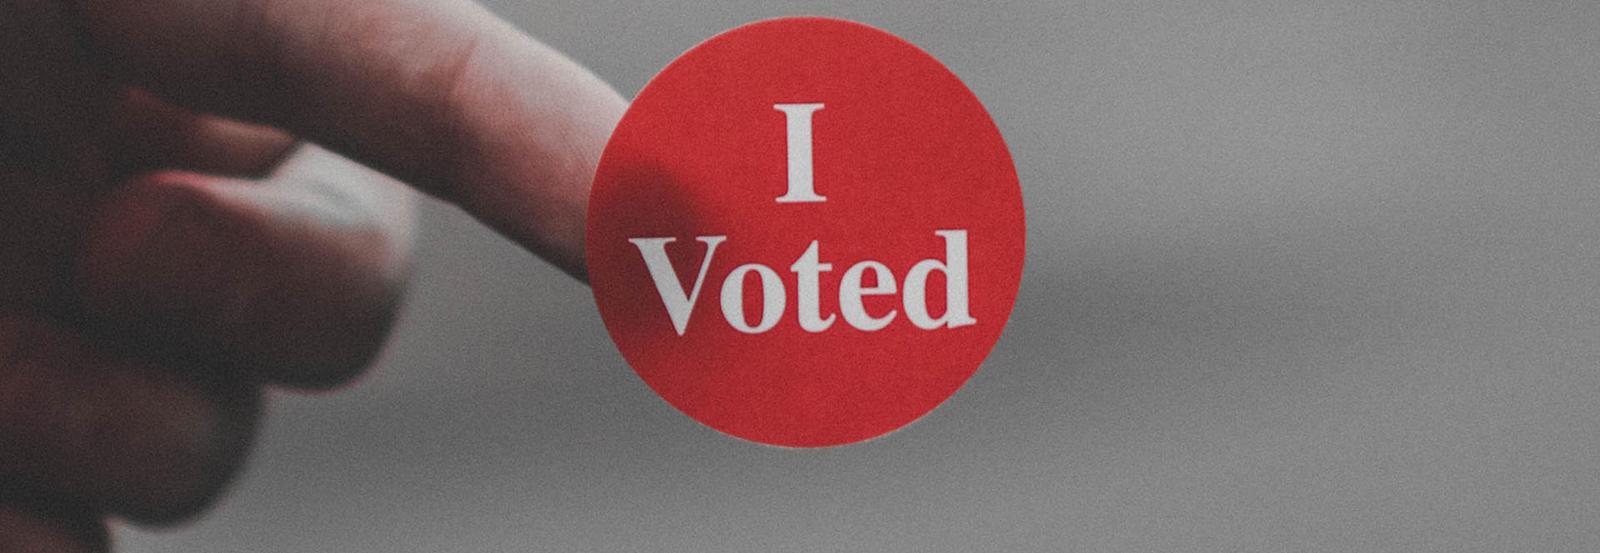 Voting confirmation sticker